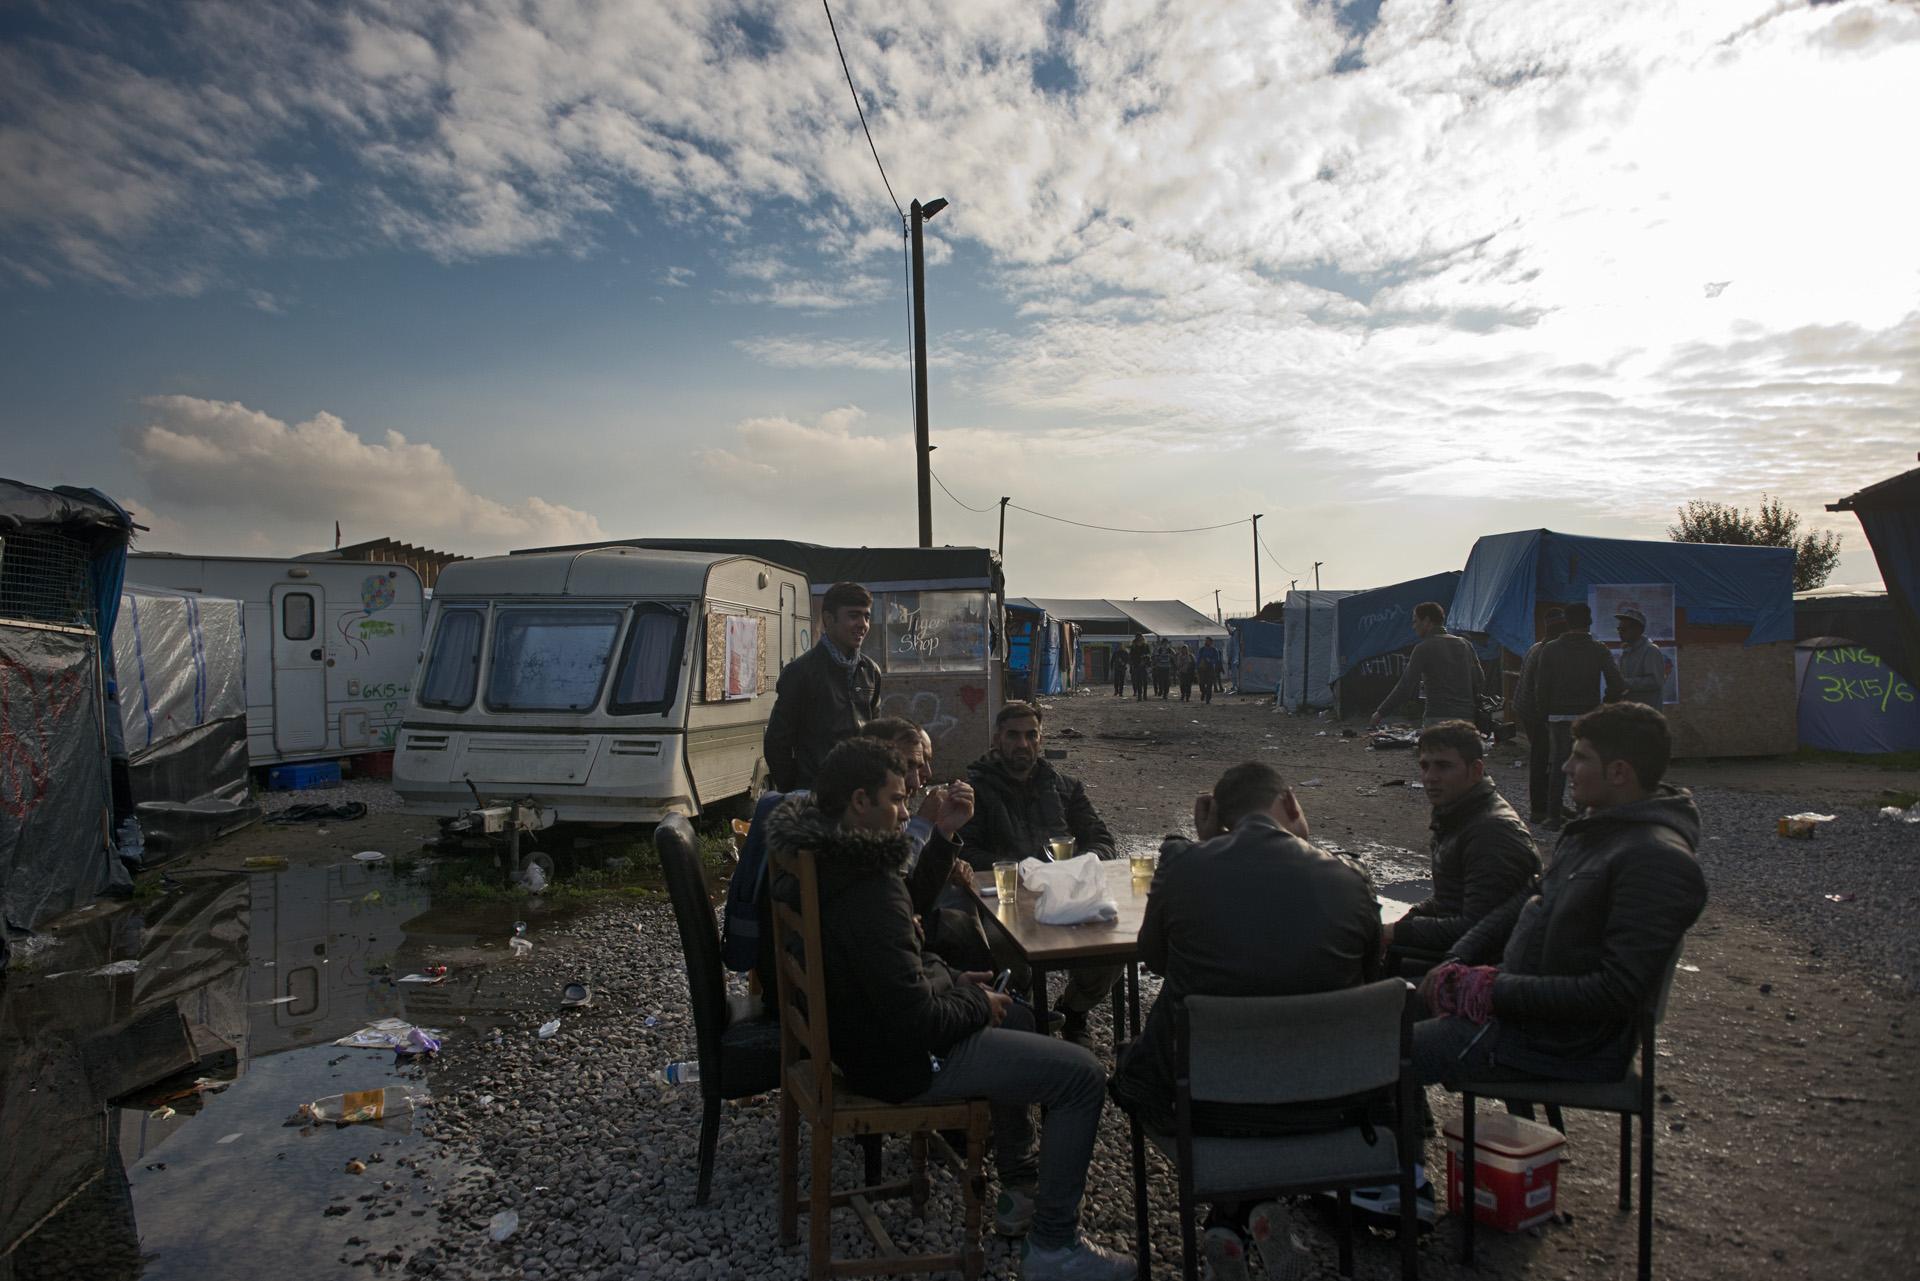 Calais. Shirzad, Abdul, Momtaz, Baktiar, Sangari et Baktiar se sont ostensiblement installés au milieu de l'artère principale du bidonville. Ils ont en commun d'être originaires d'Afghanistan et d'être identifiés comme « des relais communautaires » auprès des associations et des autorités. Ils assurent vouloir convaincre les « récalcitrants » de quitter les lieux. Pour eux, le dilemme du départ est réglé : tous ont déjà lancé une procédure de demande d'asile en France.